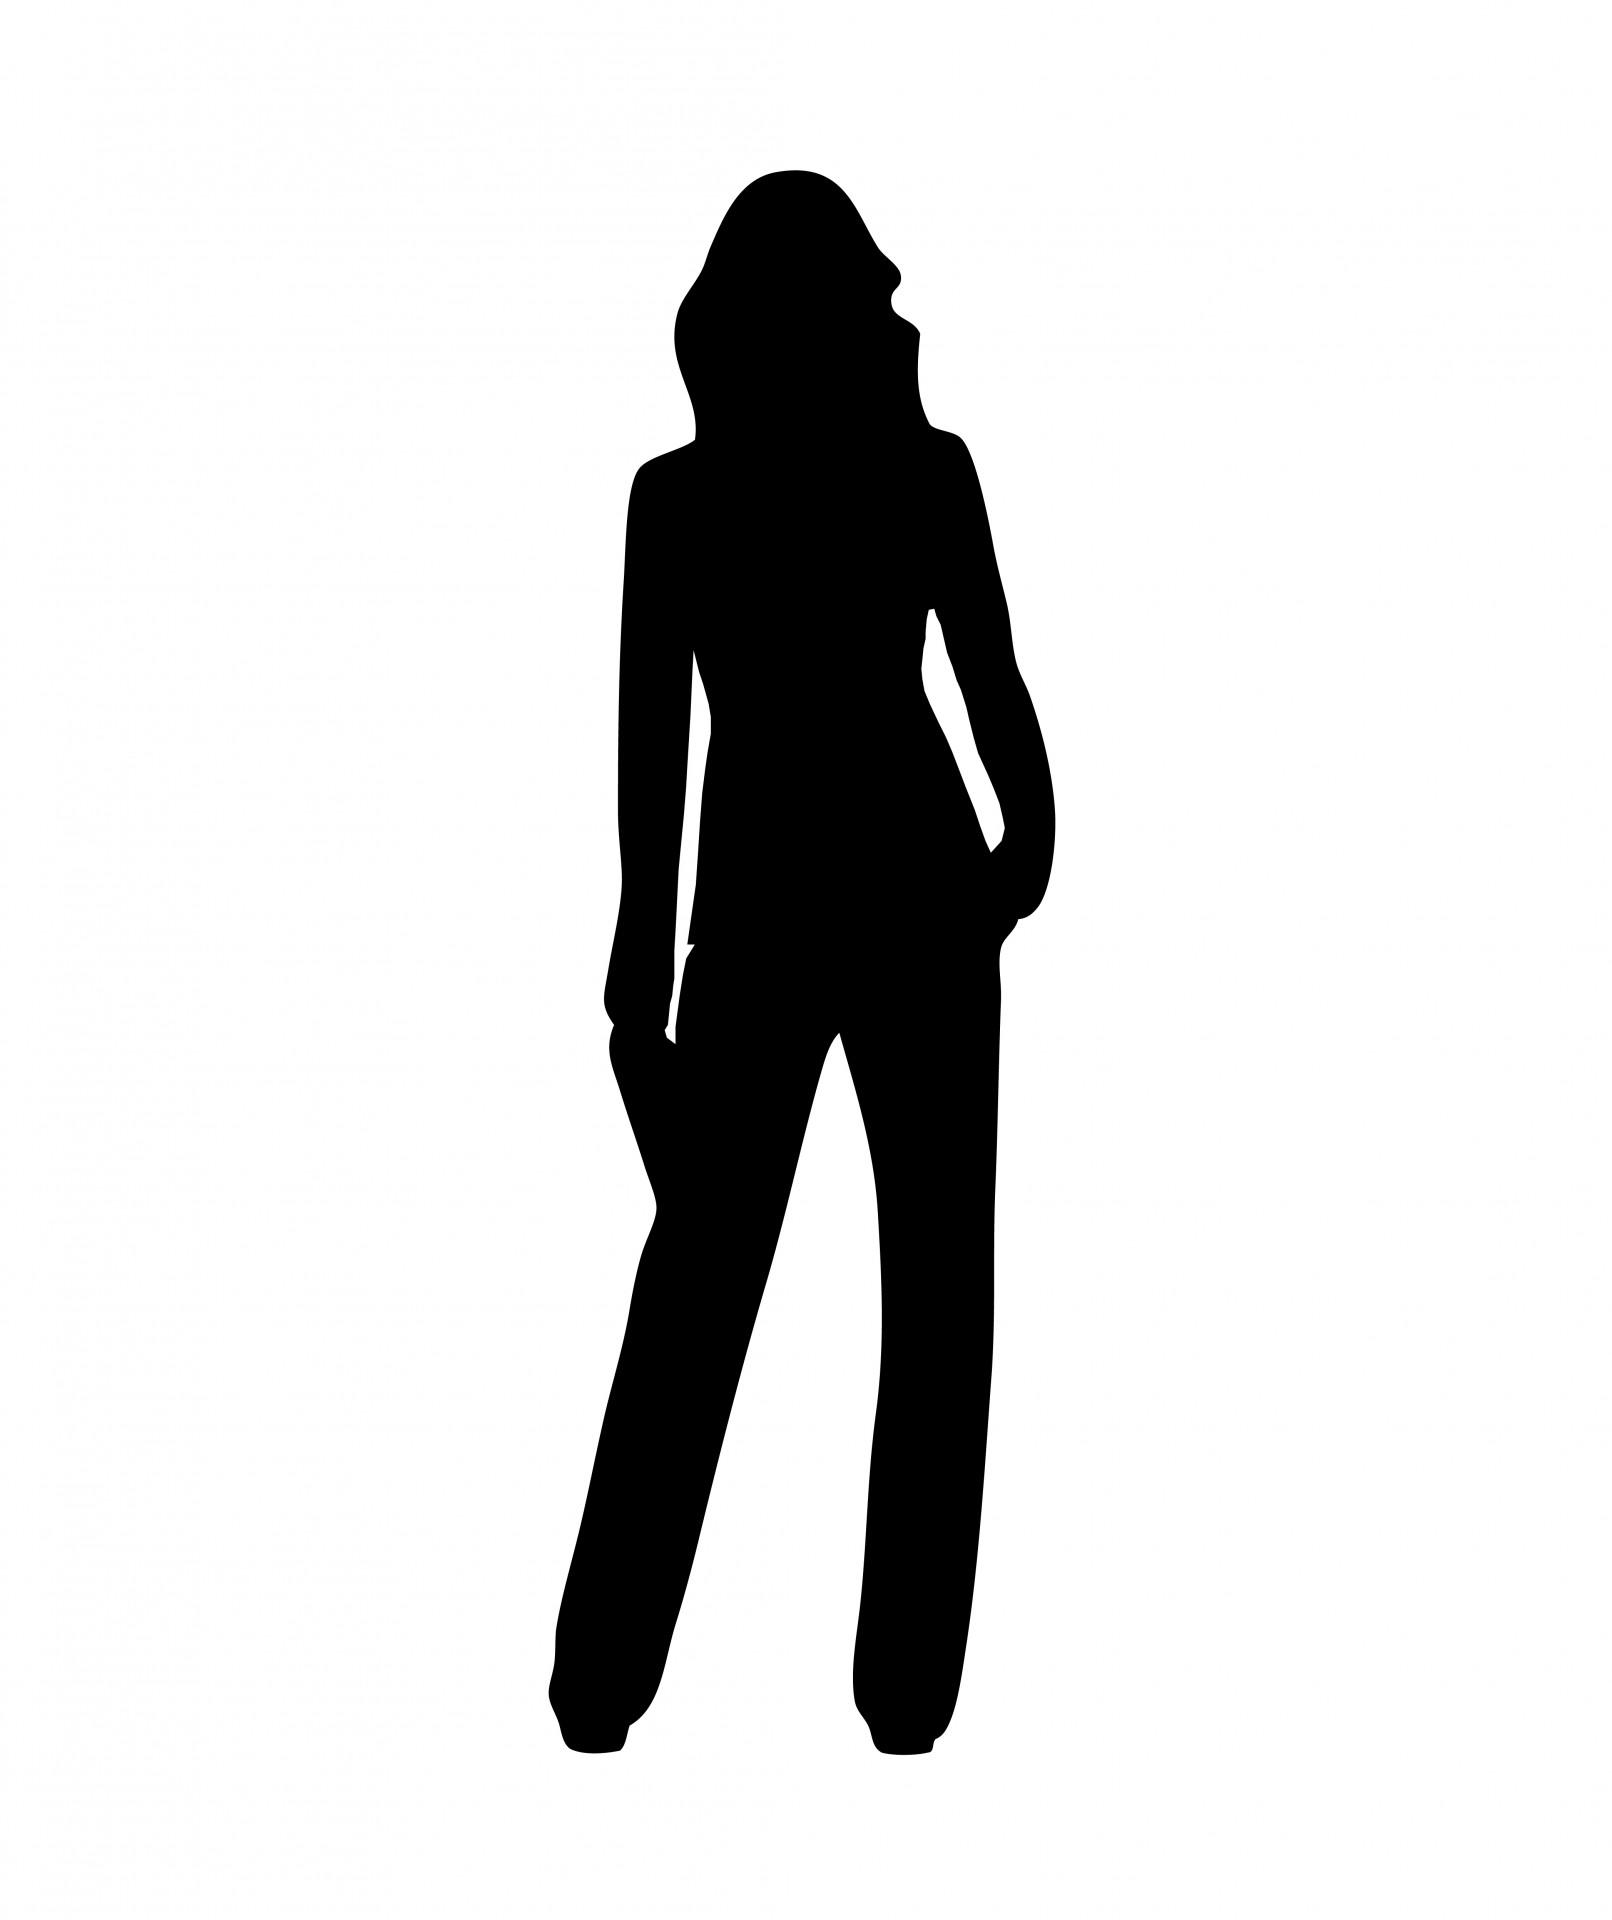 1612x1920 Woman Silhouette